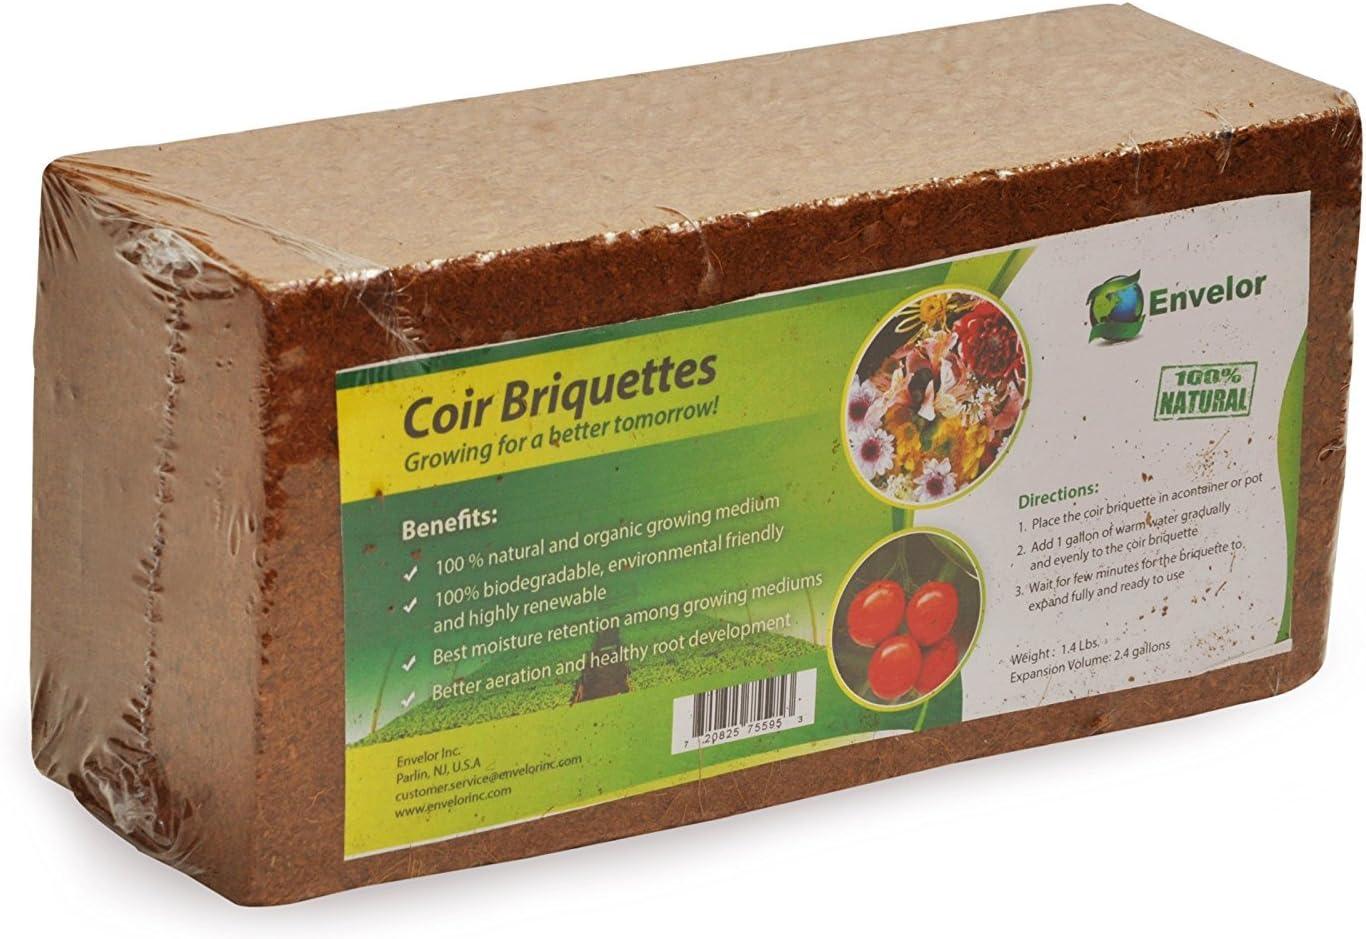 Envelor Organic Coco Coir Briquettes